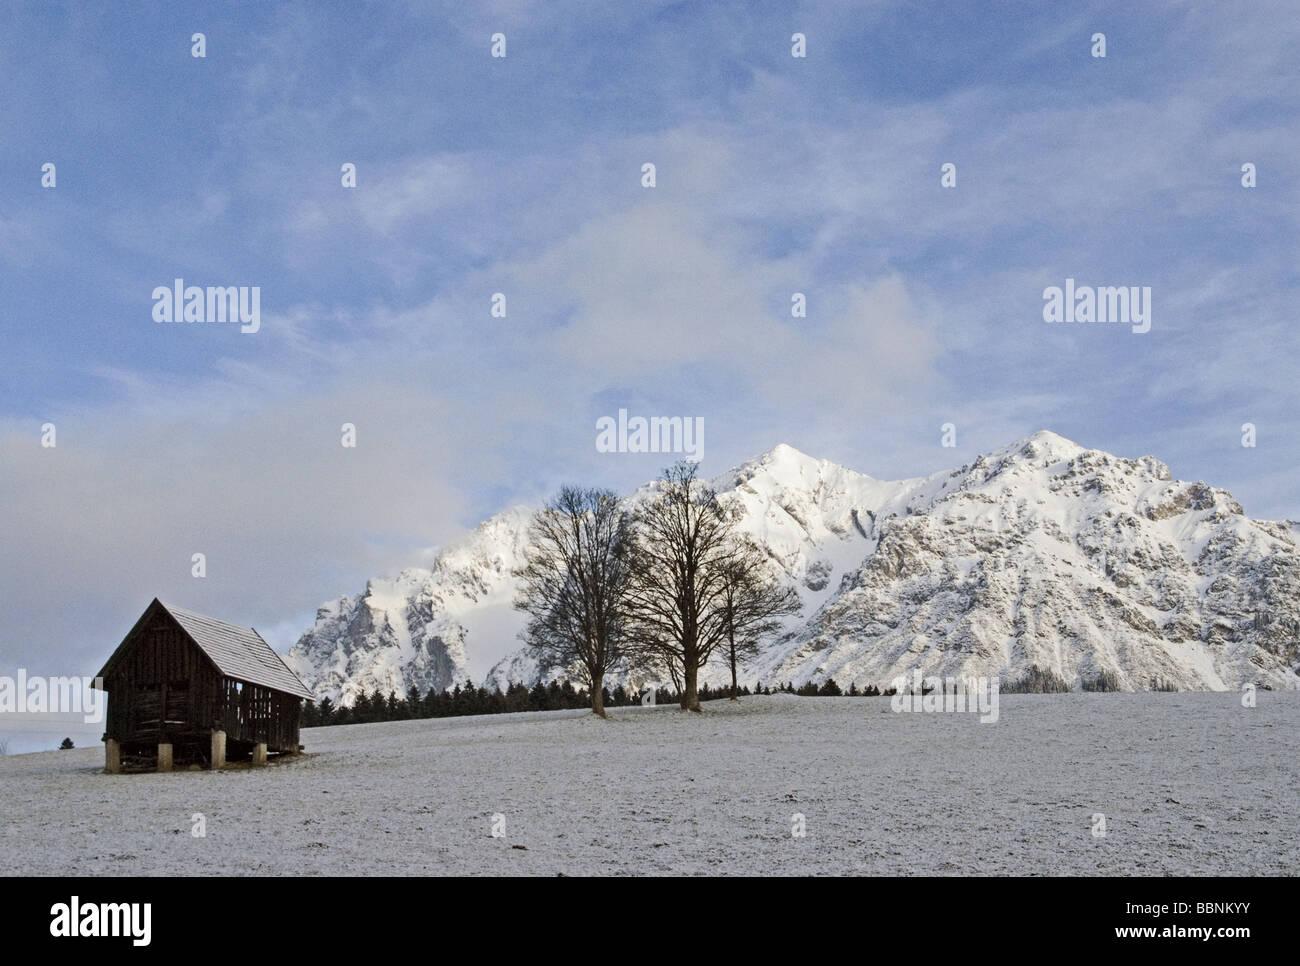 Geografía / viajes, Austria, Salzburgo, estado, paisajes, cordillera Dachstein Scheichenspitz (2667 m), Additional Imagen De Stock